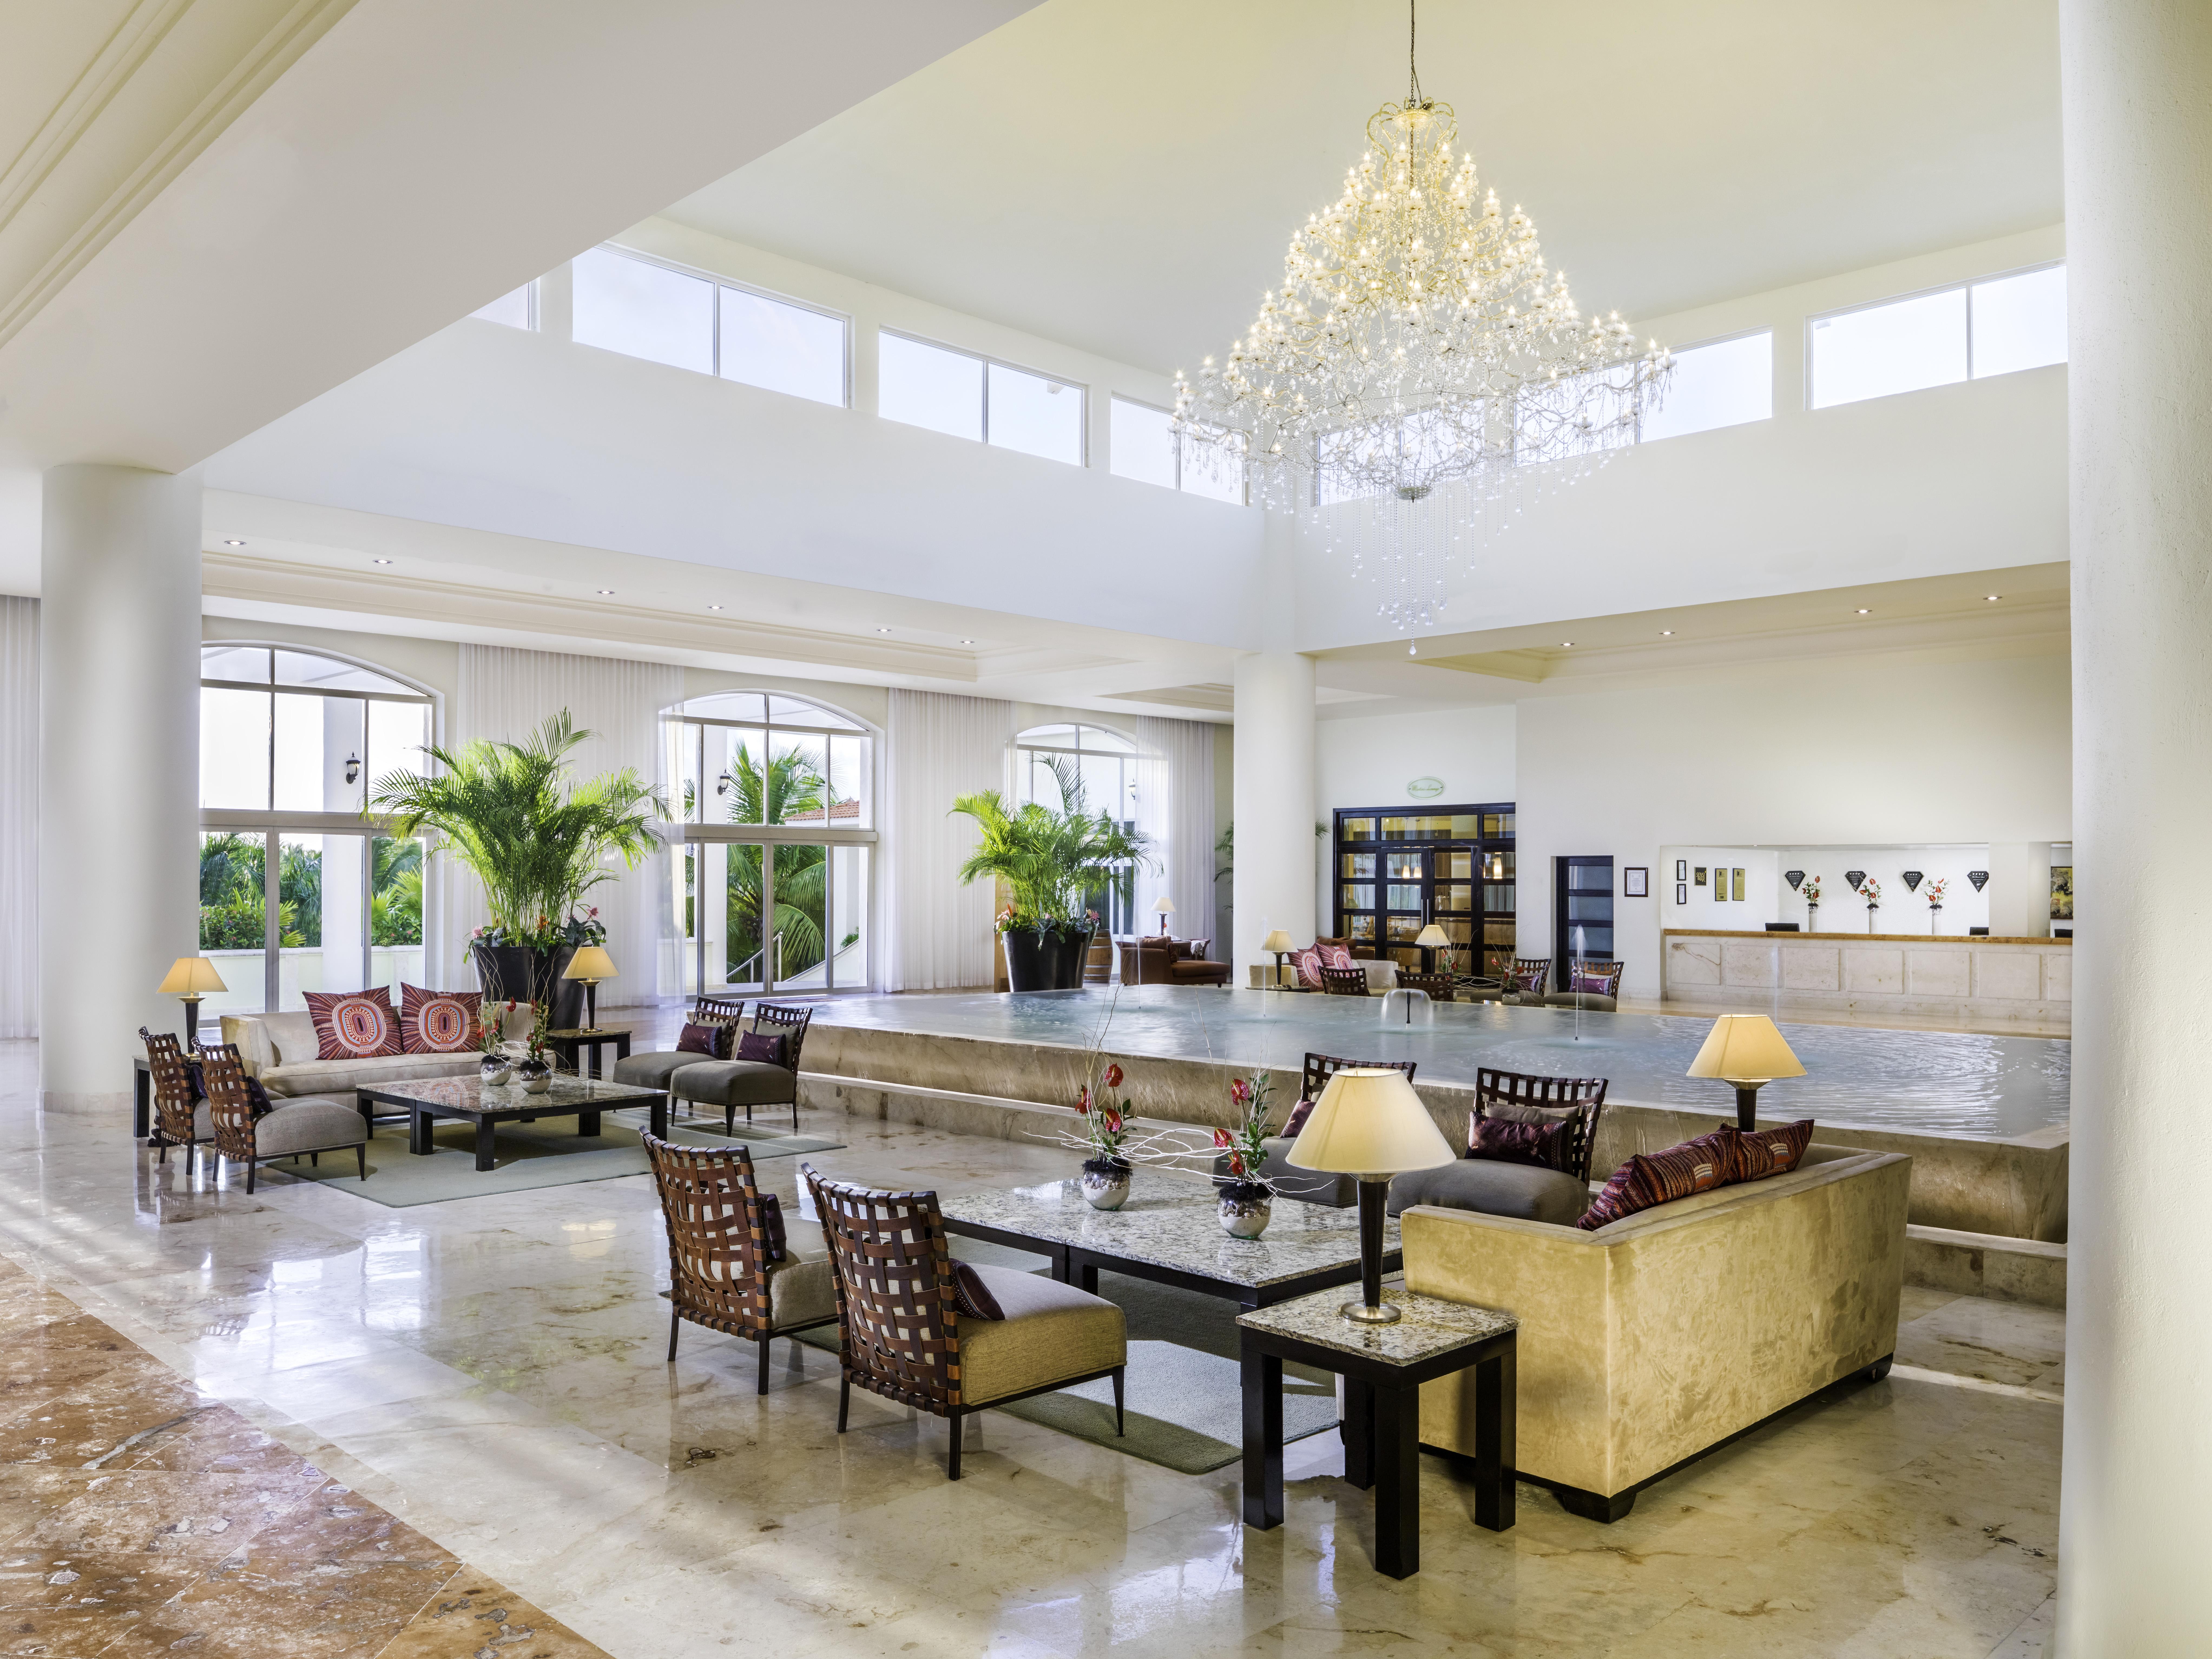 Travel Agency All-Inclusive Resort El Dorado Royale 23